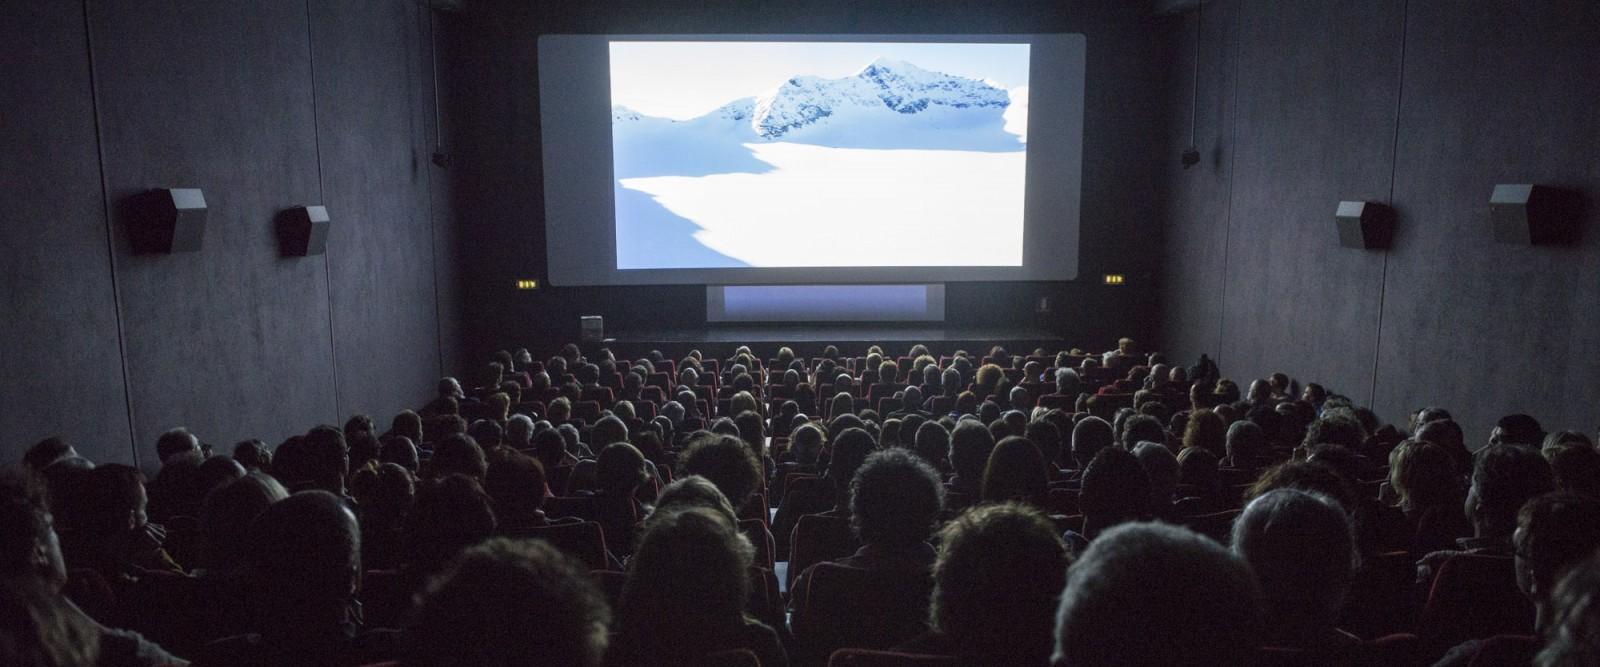 130429 TFF RGB 5163M2 1600x667 La scelta di Quintino e Dolomitenfront al Trento Film Festival 2017